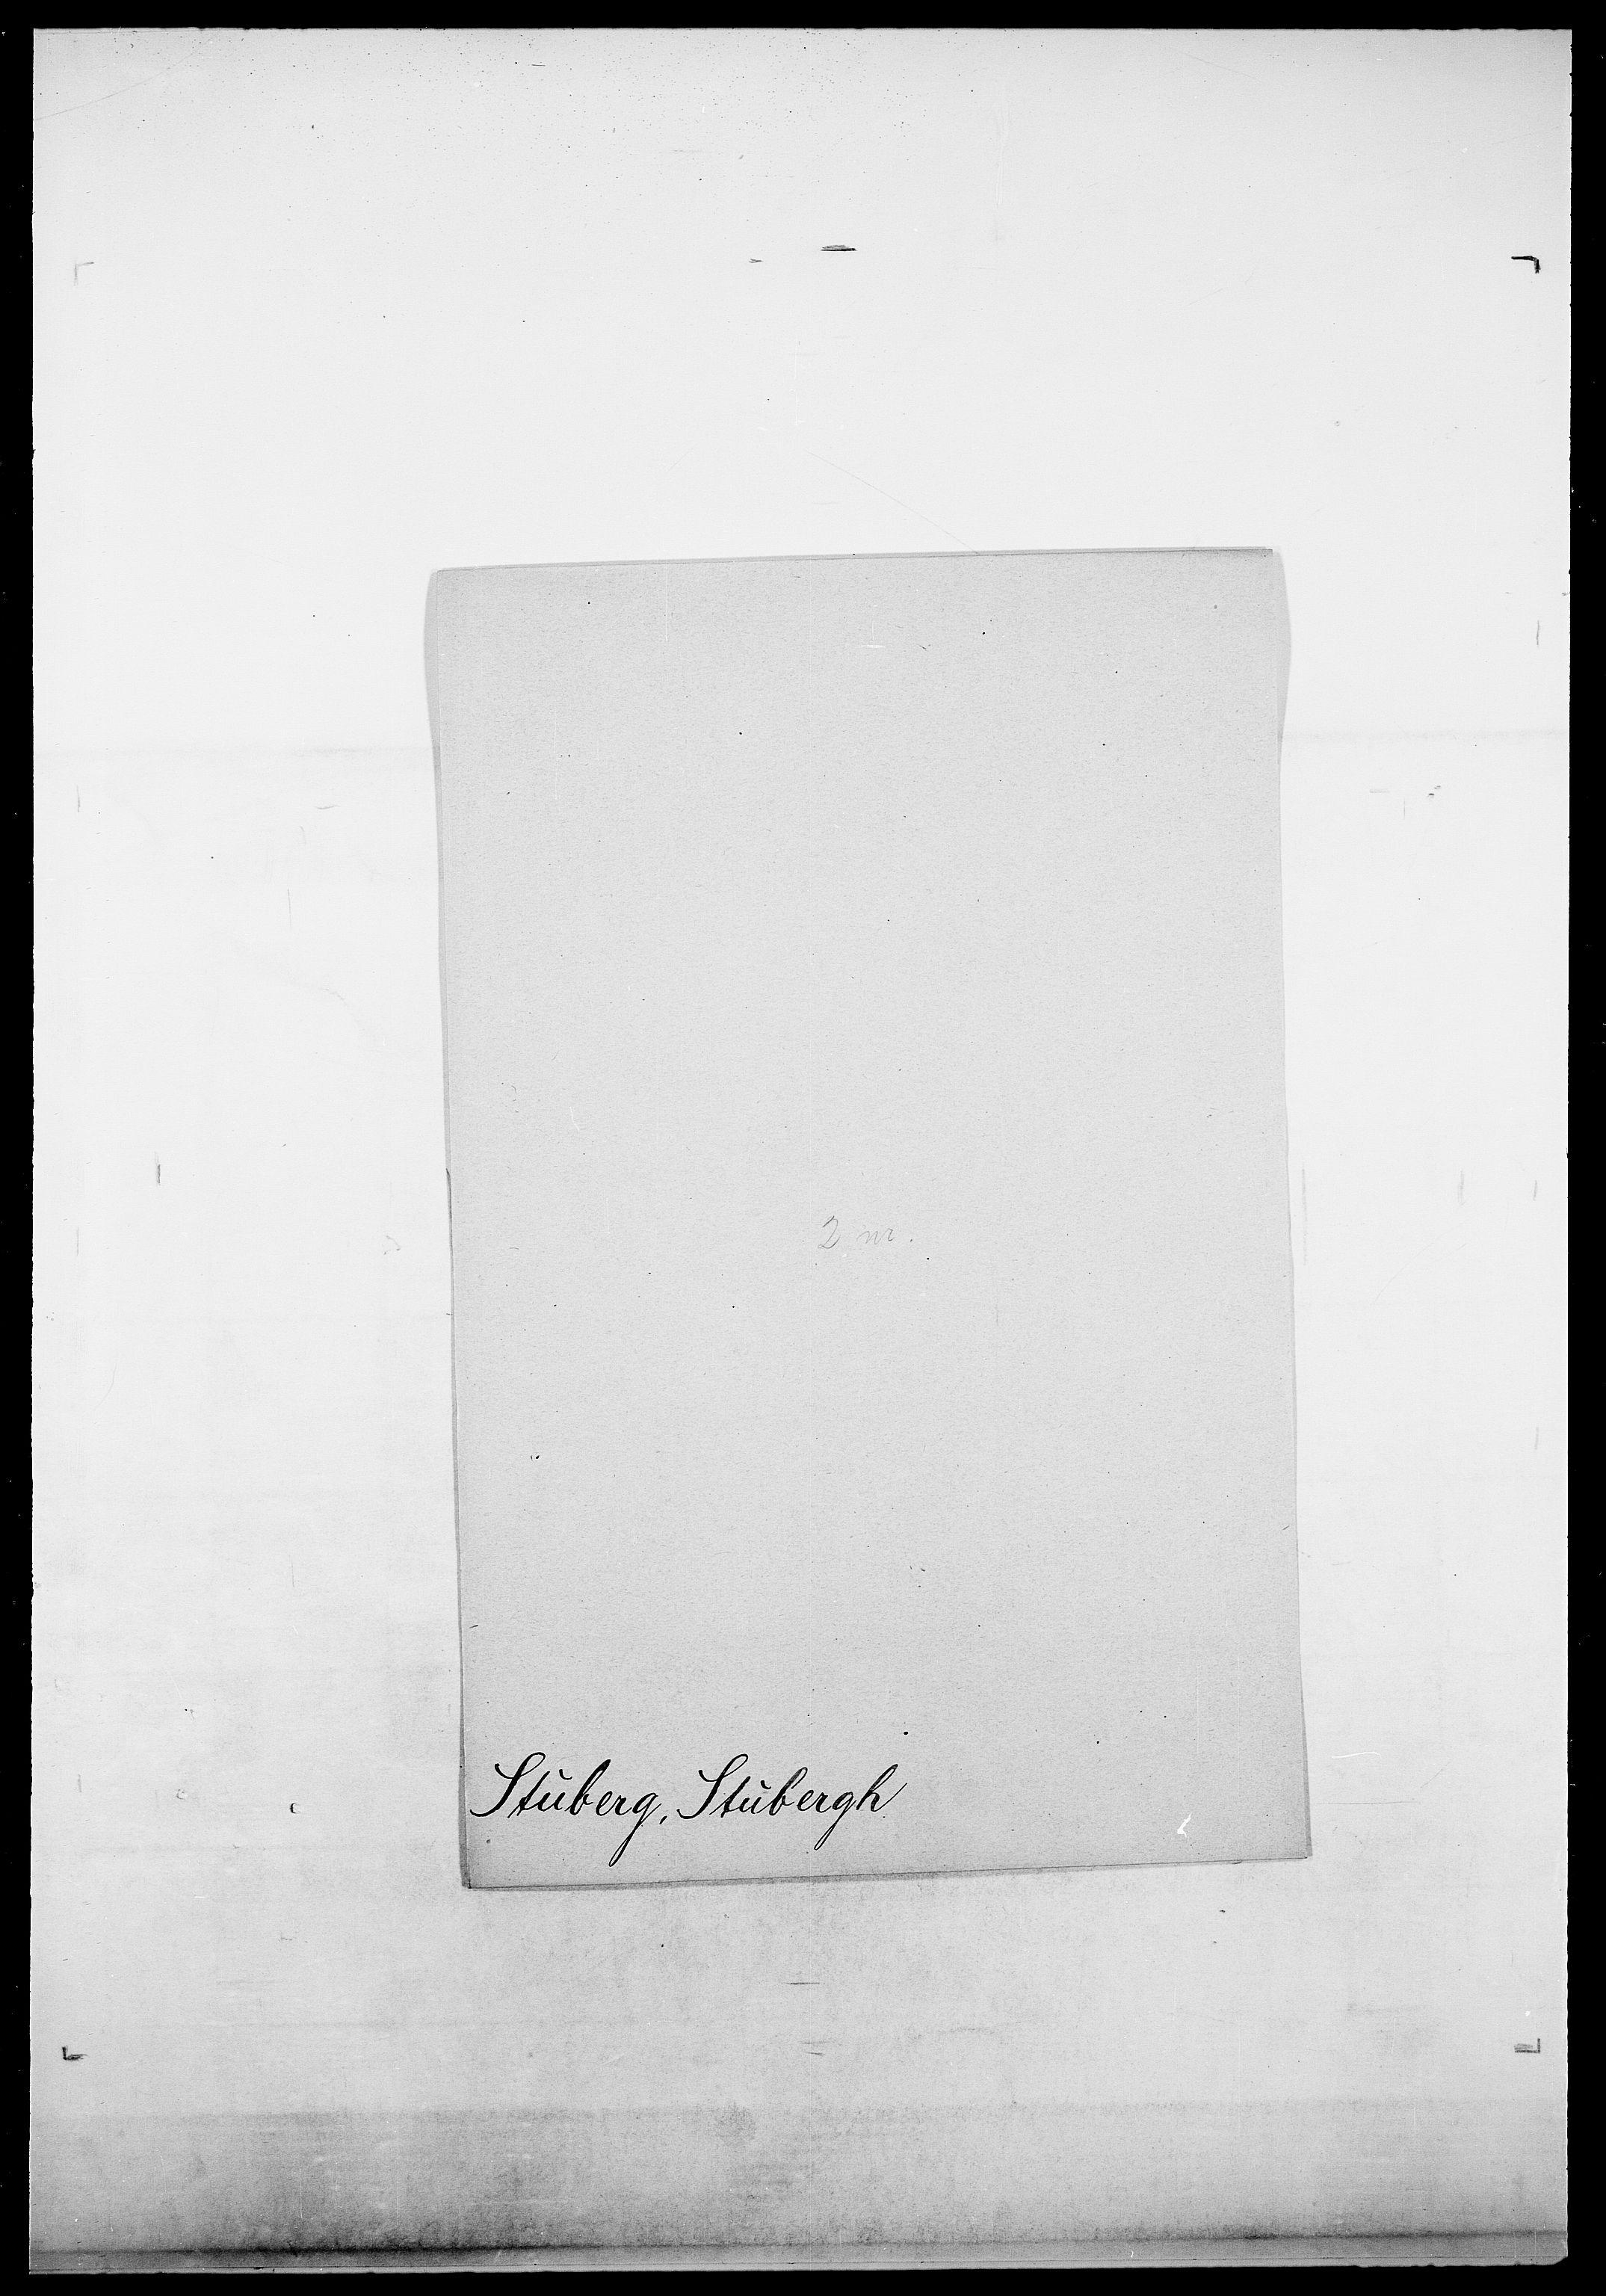 SAO, Delgobe, Charles Antoine - samling, D/Da/L0037: Steen, Sthen, Stein - Svare, Svanige, Svanne, se også Svanning og Schwane, s. 797